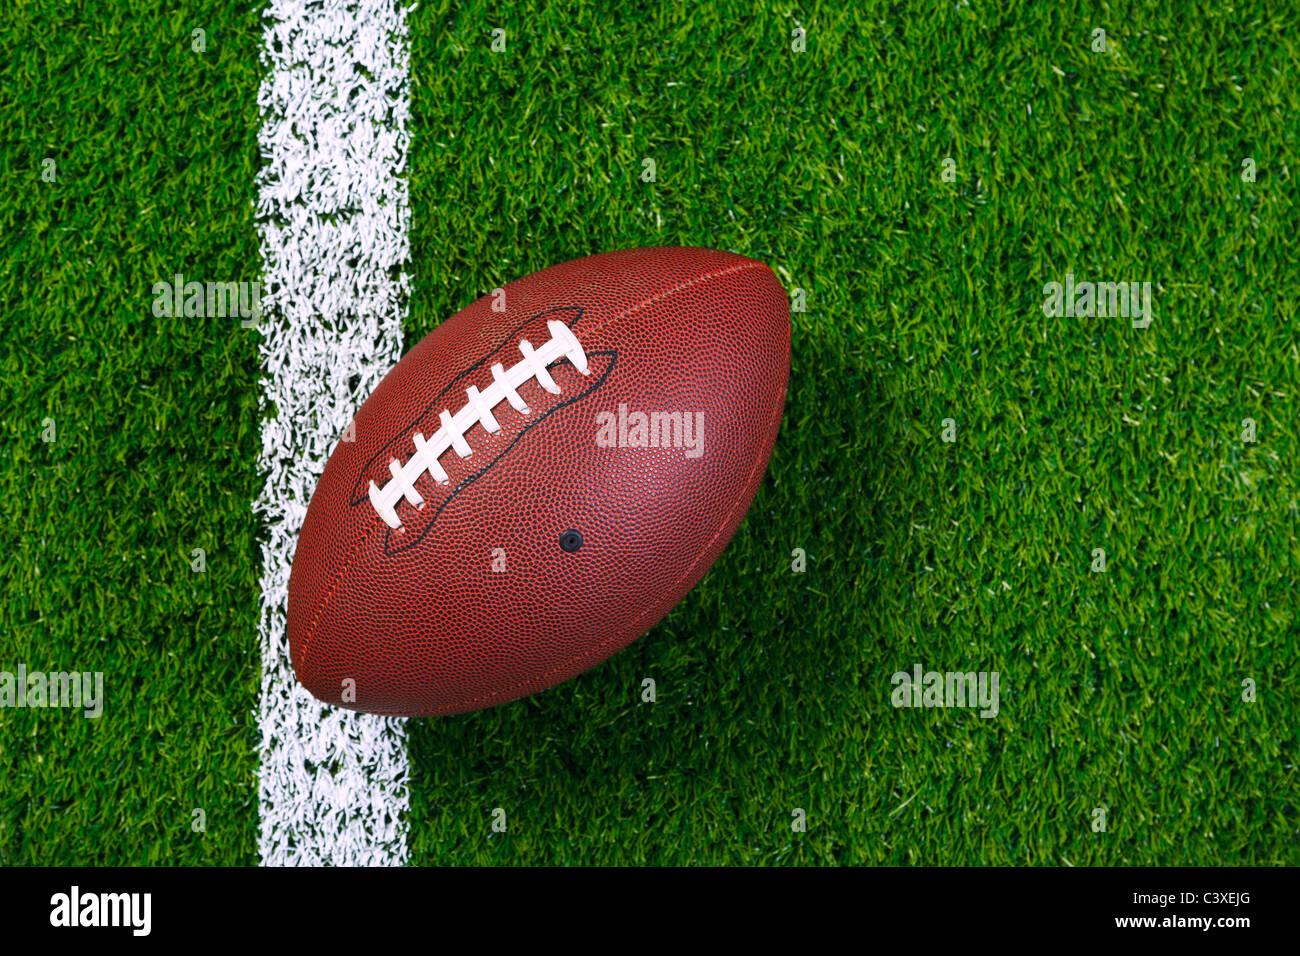 Foto de un partido de fútbol americano en un césped junto a la línea de banda, tomada desde arriba. Imagen De Stock